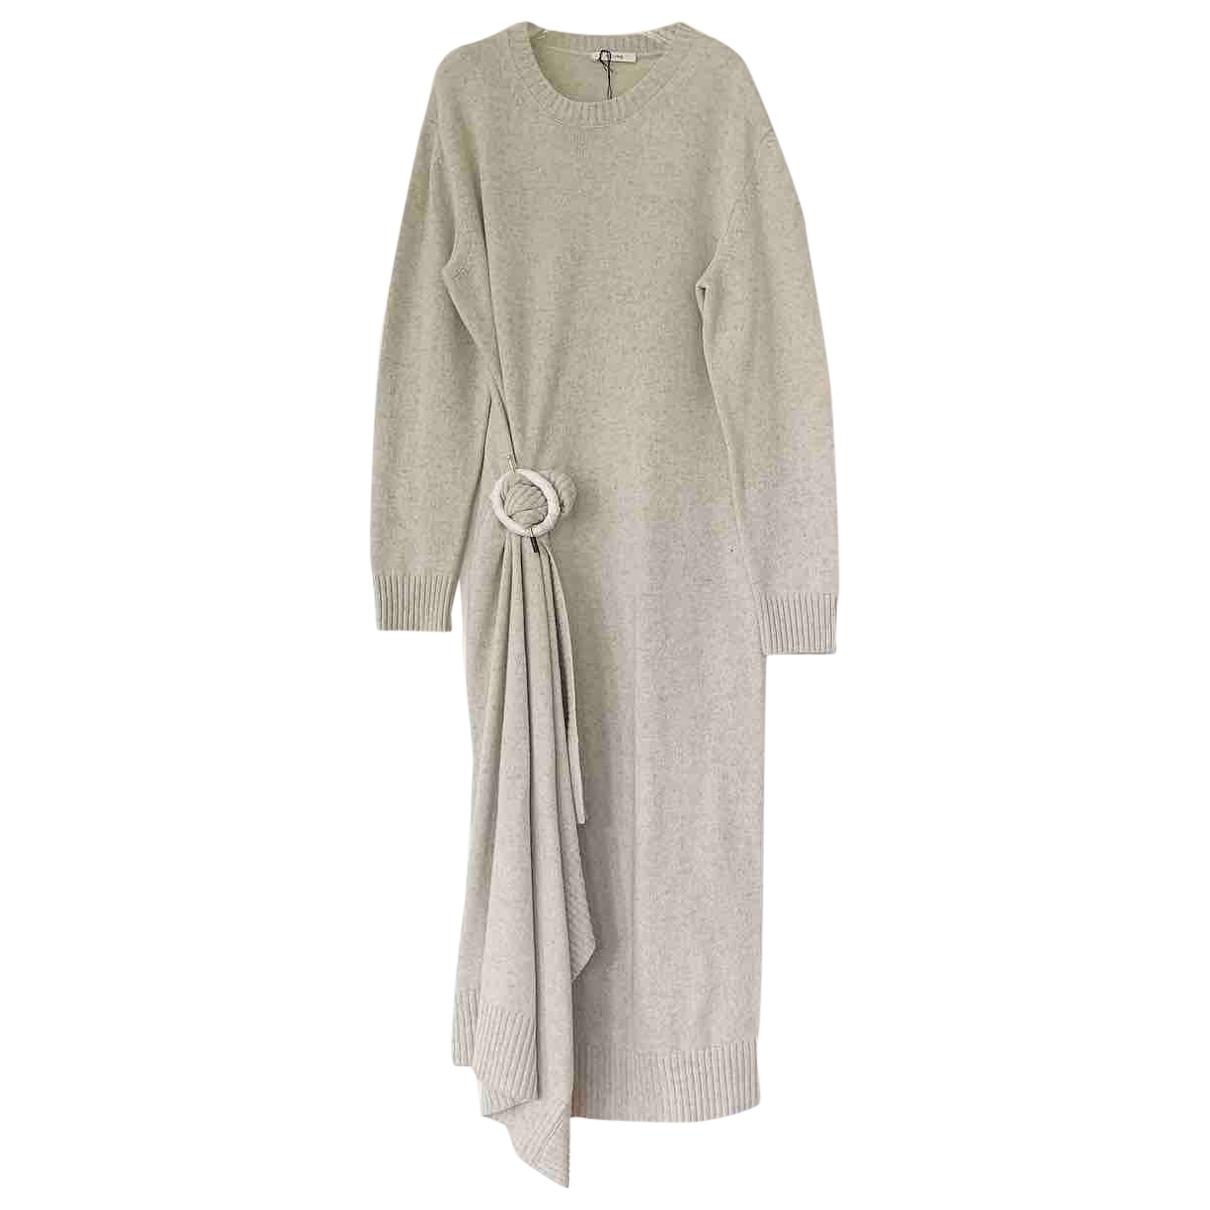 Celine \N Beige Wool dress for Women M International